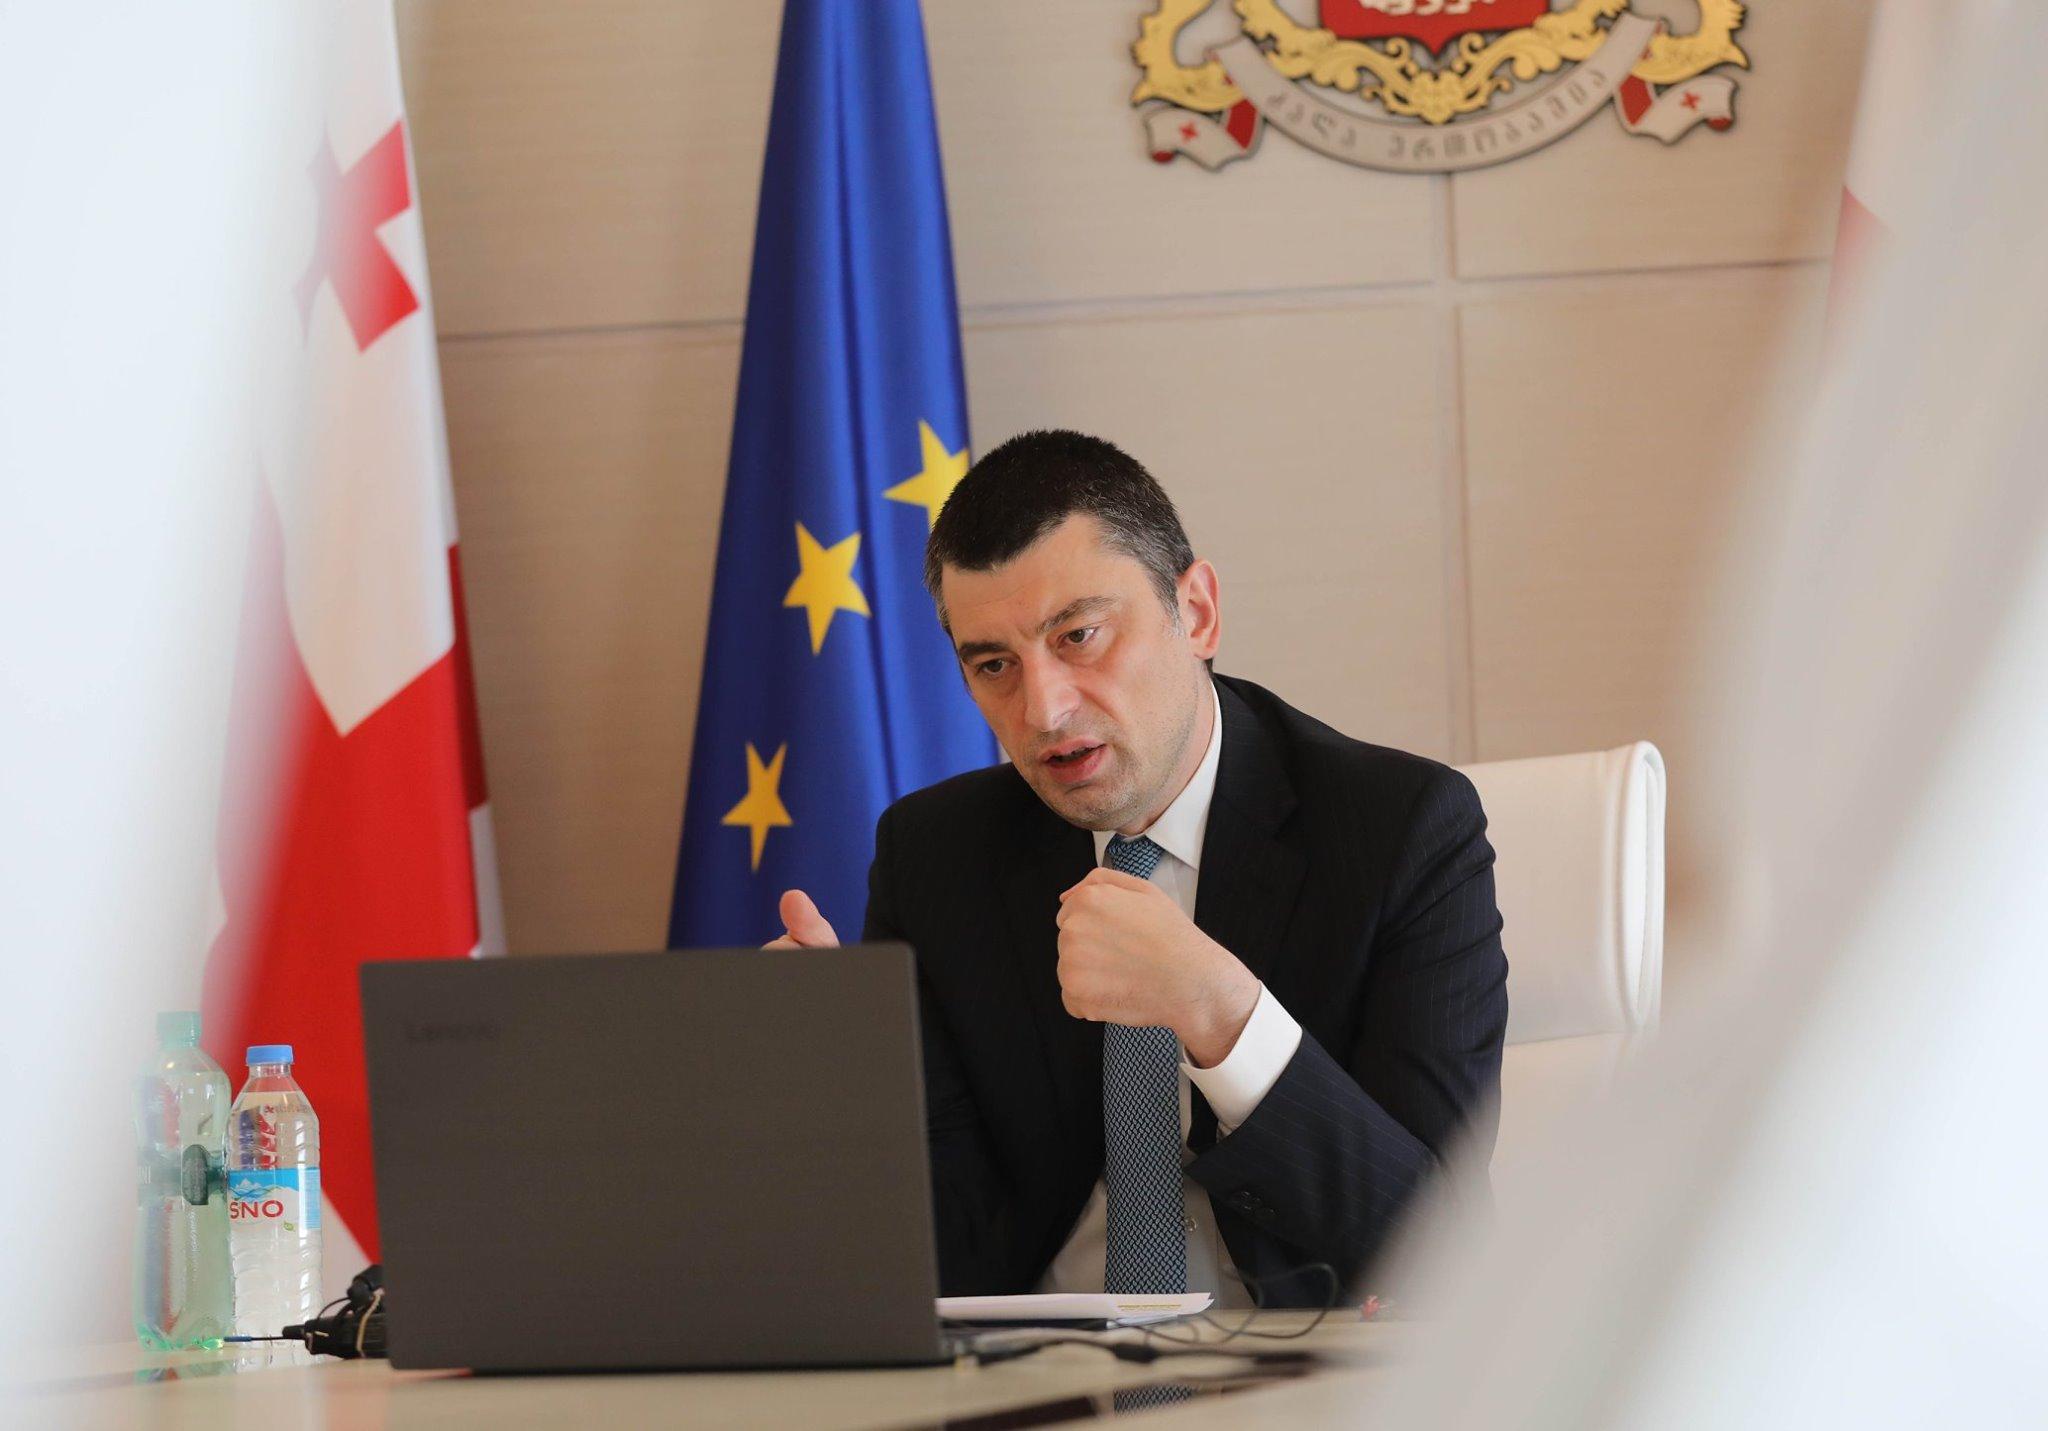 Giorgi Gakharia 30 1 #новости Георгий Гахария, кабмин, Премьер-министр Грузии, регионы Грузии